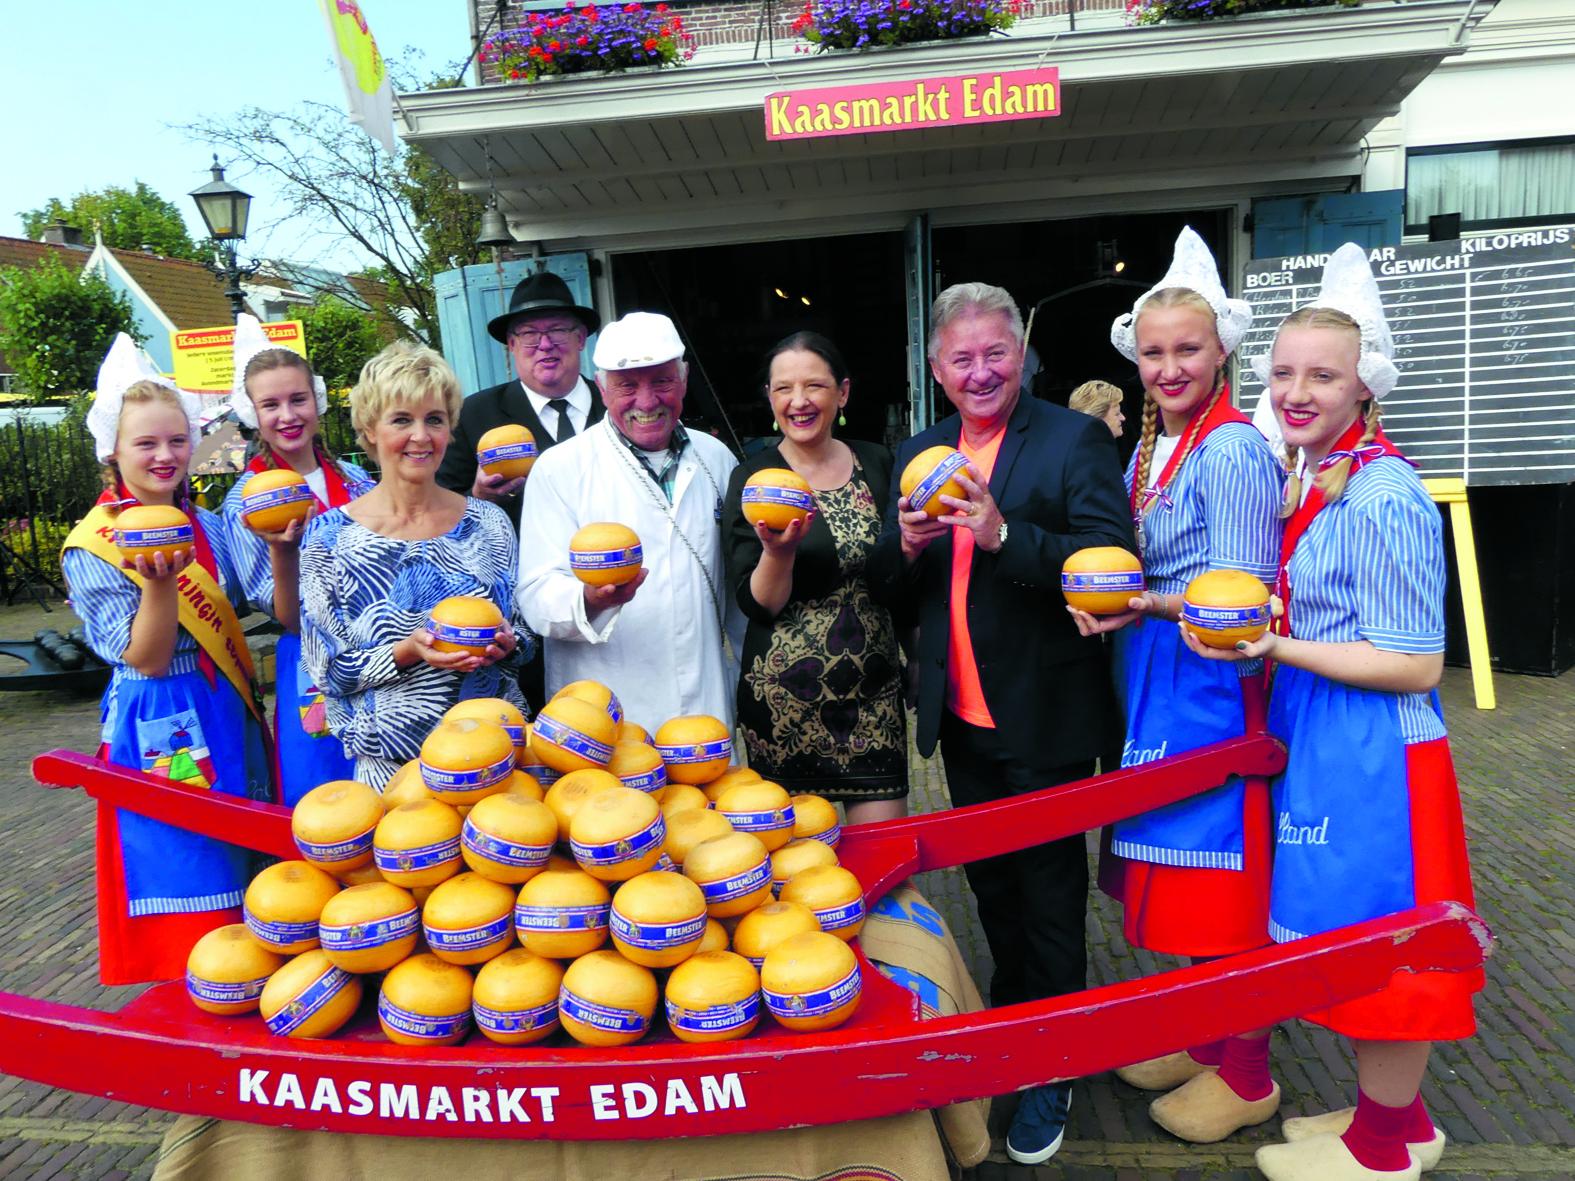 EDAM - Bij de laatste kaasmarkt van vorig seizoen waren Jan Keijzer en Annie Schilder de eregasten, bekend geworden als gezichtsbepalend duo van de succesvolle Volendamse formatie BZN. Zij luidden de bel ten teken van einde van de markt en traden ook nog op. (Foto: Cees Bandt)